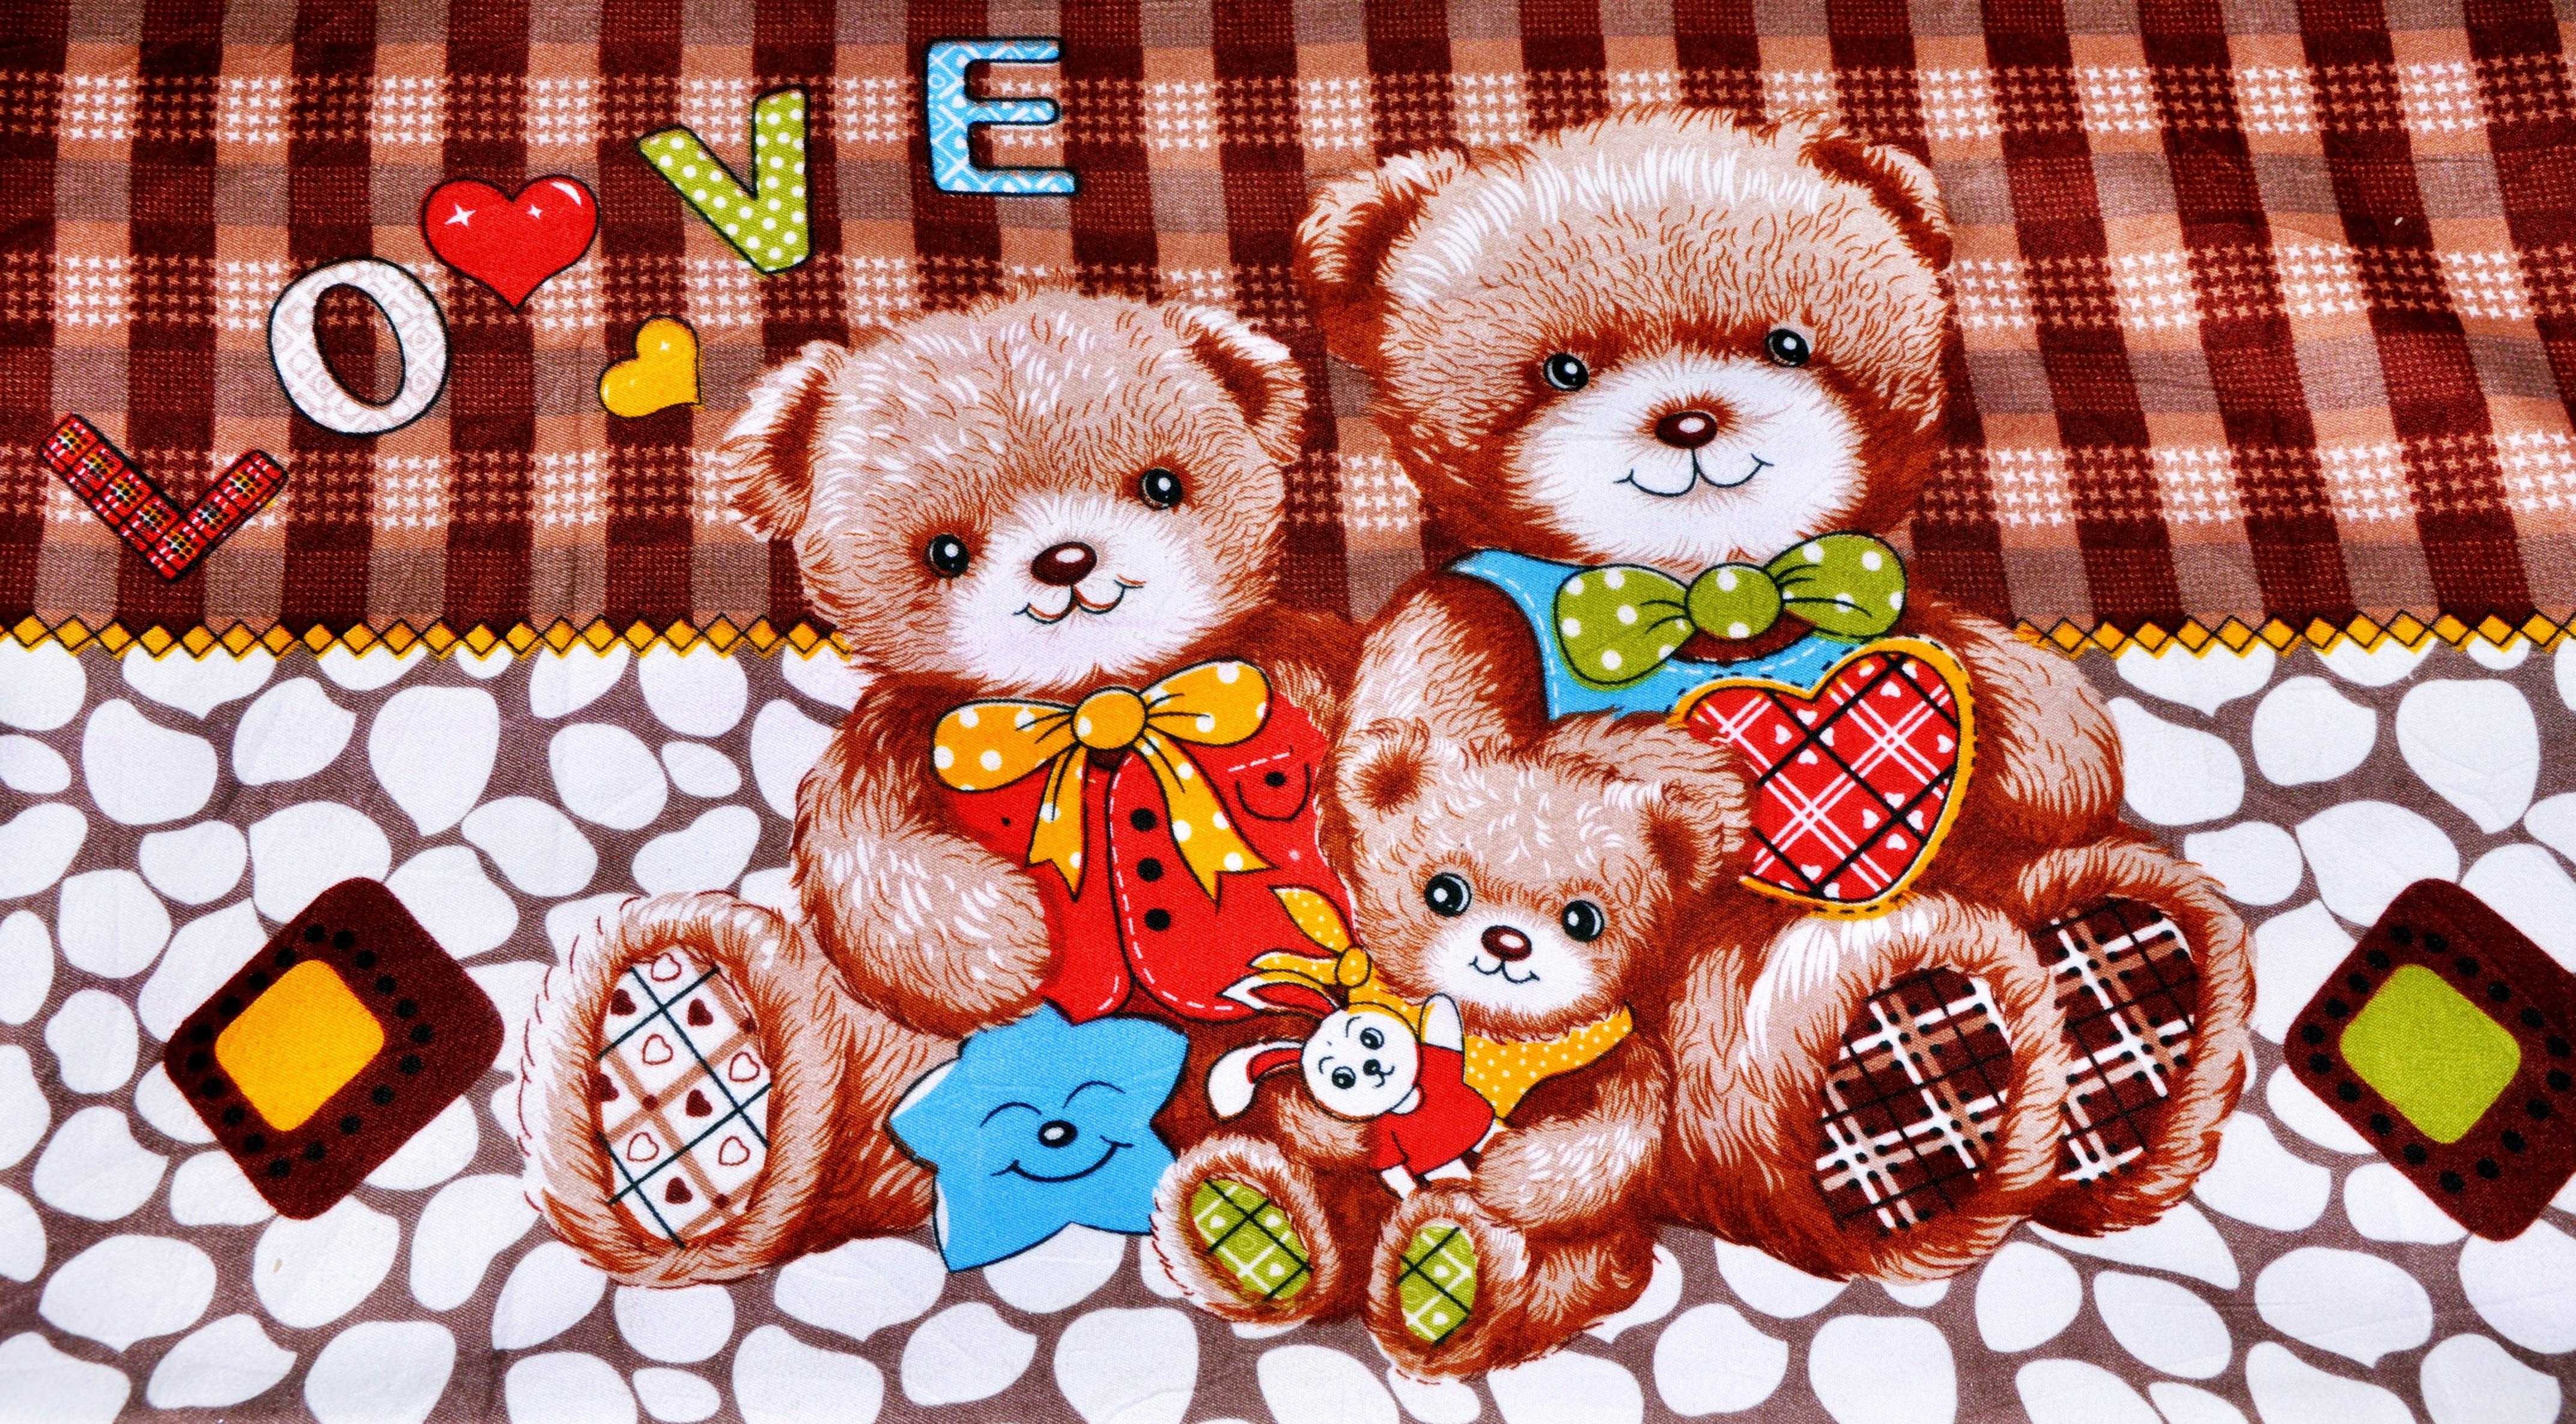 Gratis arkivbilde med bamse, kjærlighet, leke